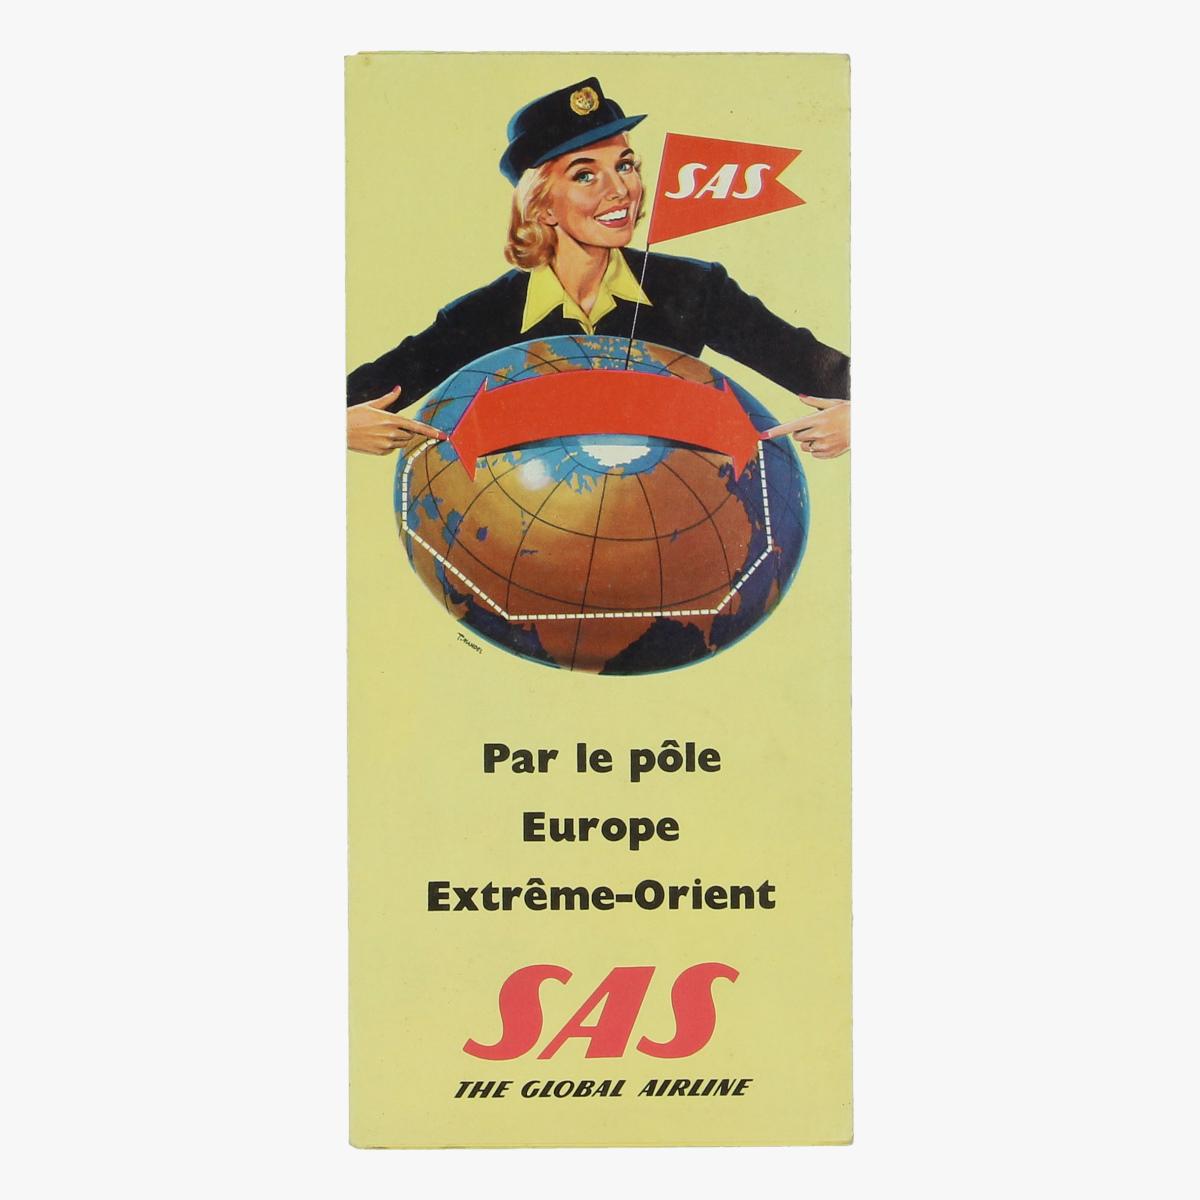 Afbeeldingen van folder sas scandinavian airlines dc-7c